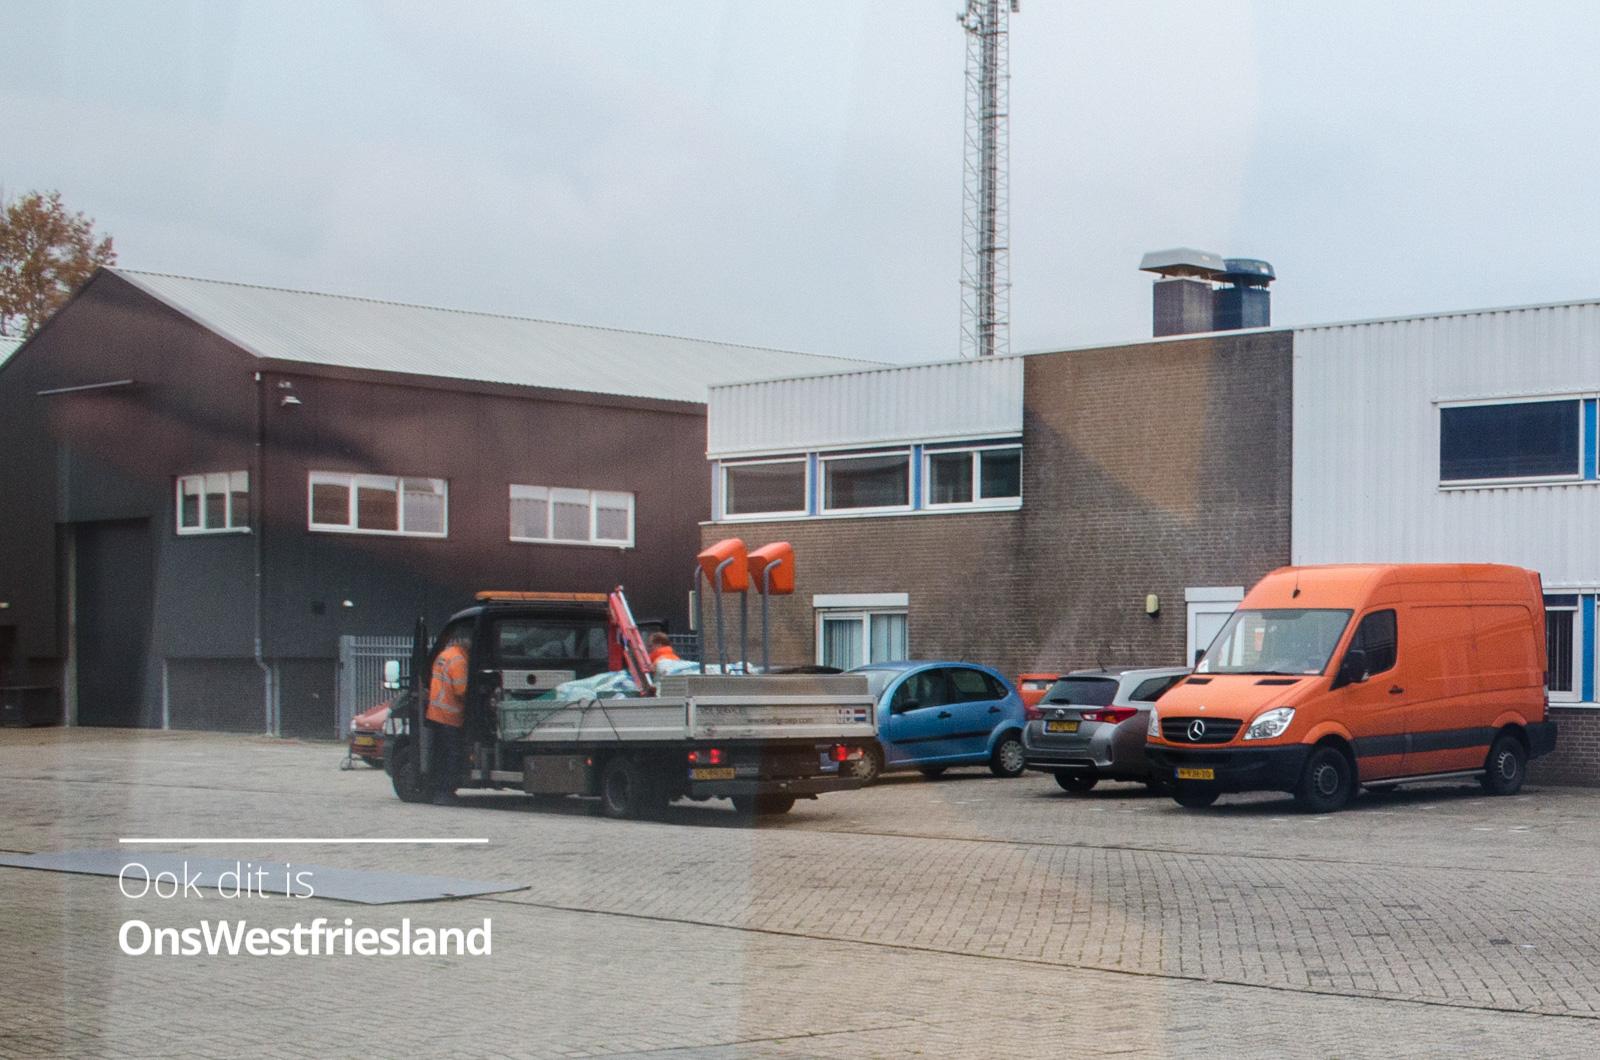 Vaak PostNL verwijdert 61 brievenbussen in Westfriesland [lijst KC83